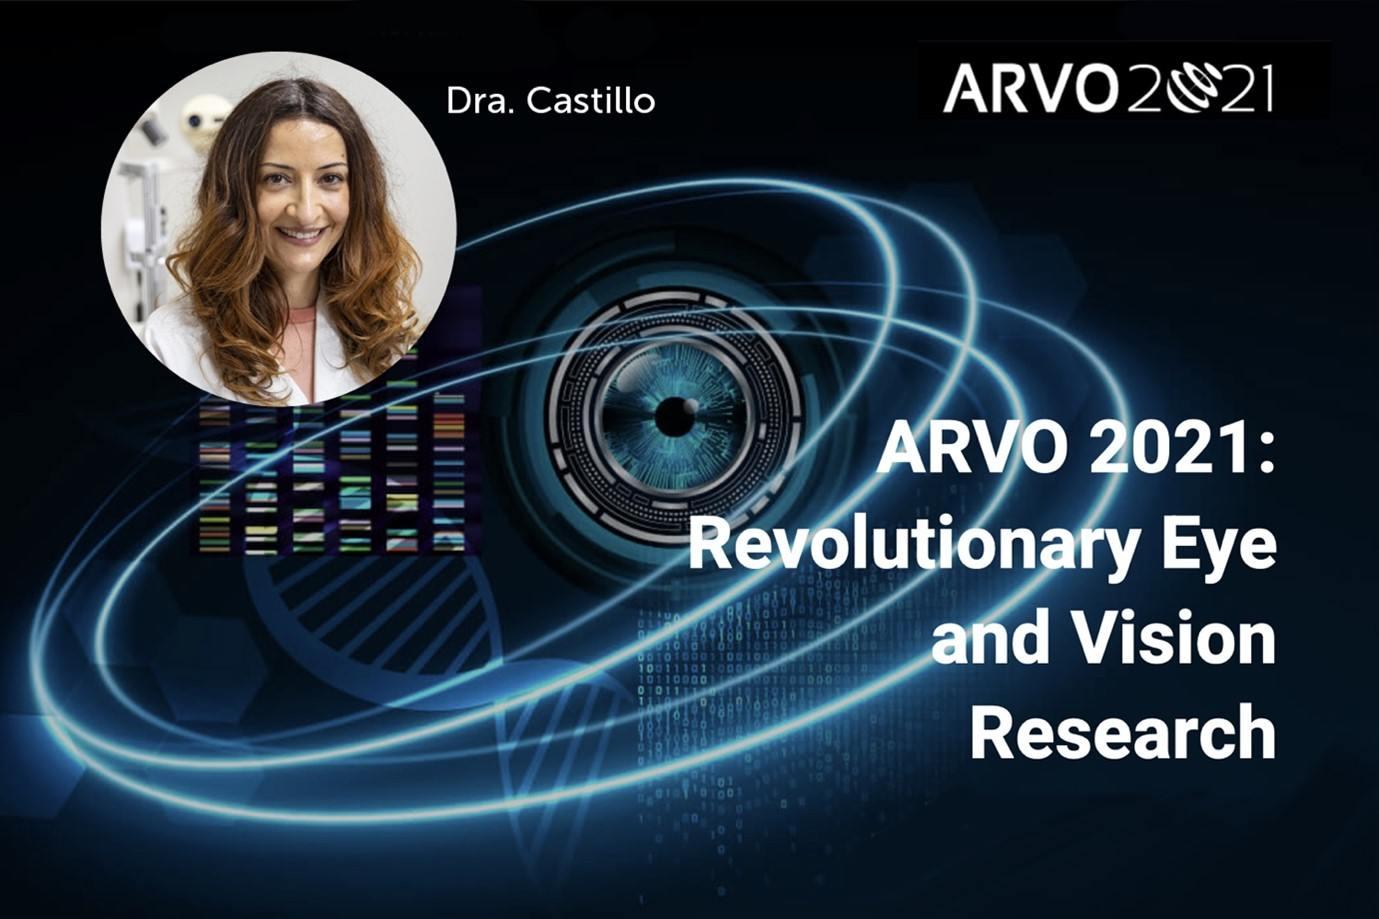 La Dra. Castillo, coautora de un trabajo sobre la terapia génica presentado en la reunión anual de ARVO 2021